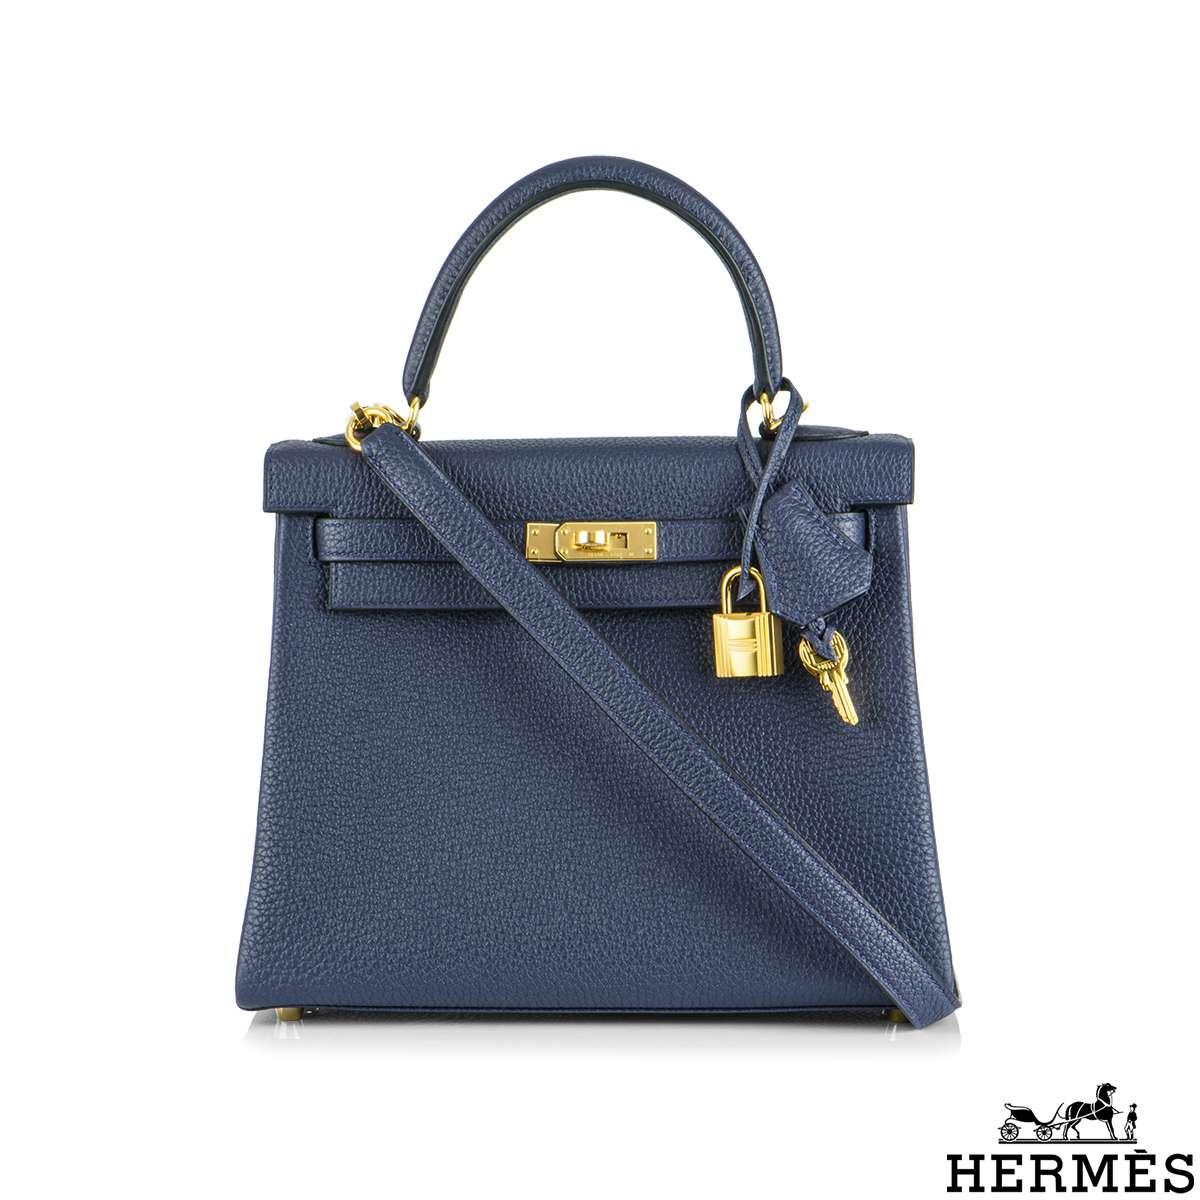 Hermès Kelly II Retourne 25cm Blue Nuit Togo GHW Handbag